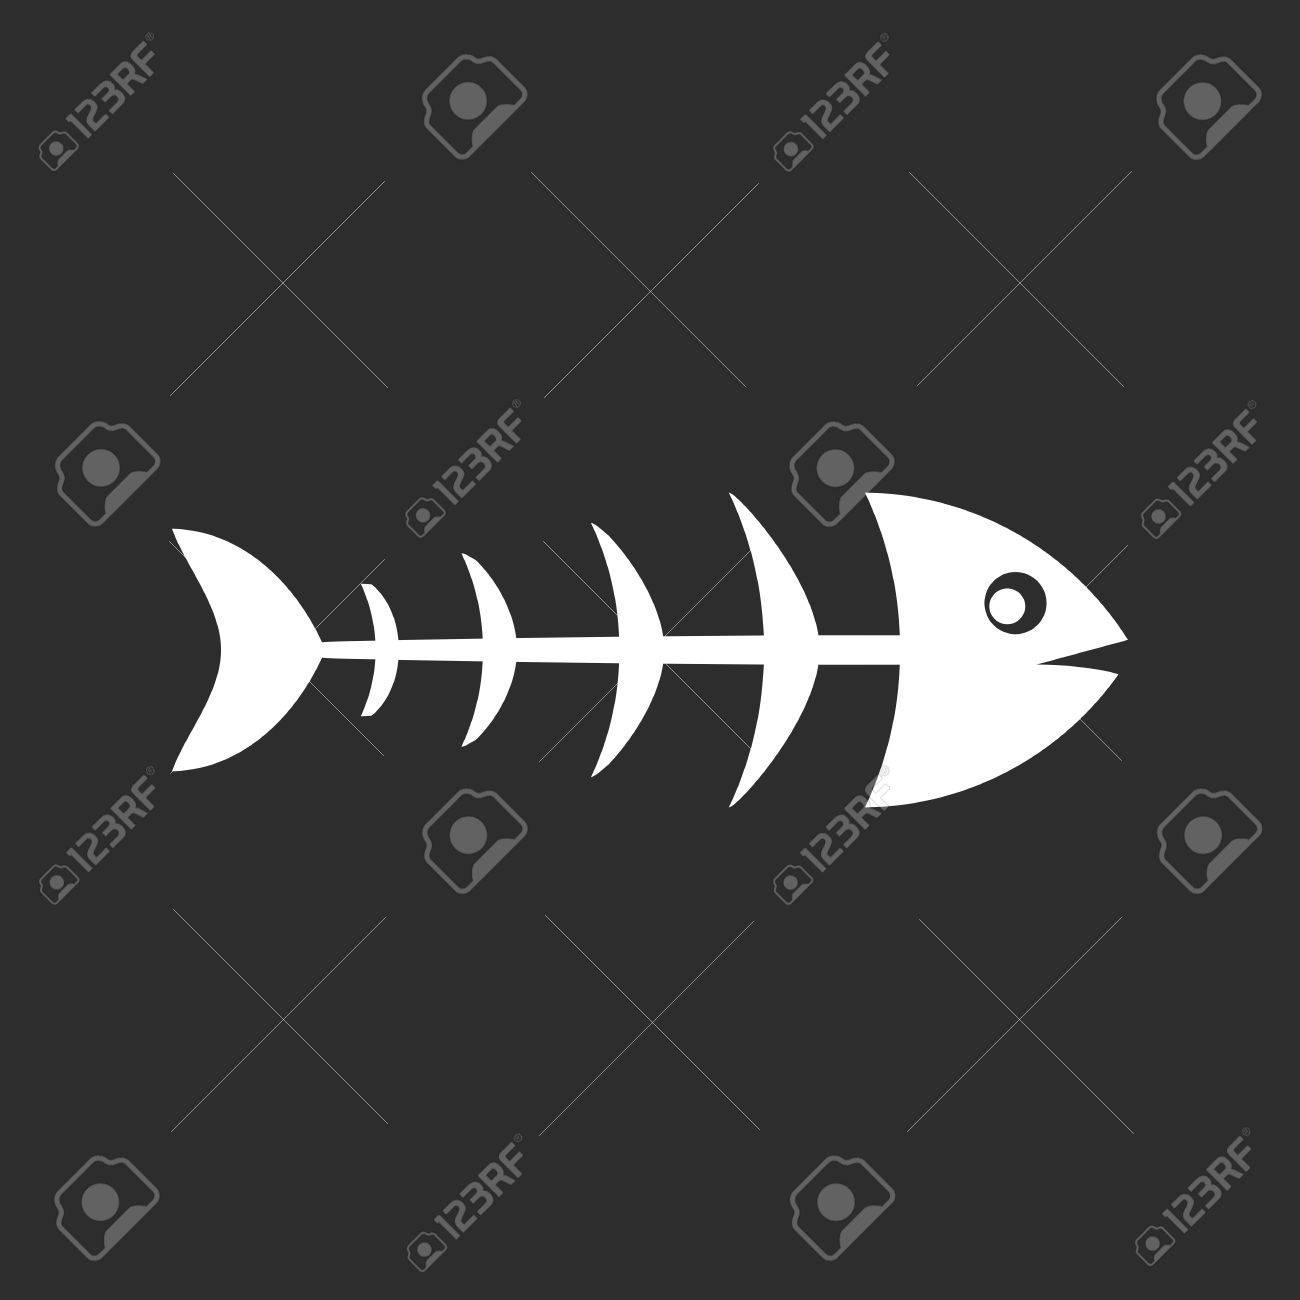 Fish skeleton. - 81478448